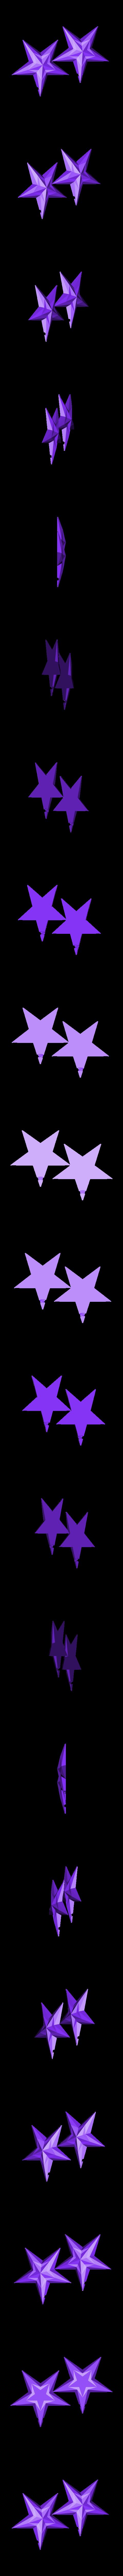 FacetedStar-Split-Pendant.stl Télécharger fichier STL gratuit Décorations d'étoiles facettées • Design pour impression 3D, tone001